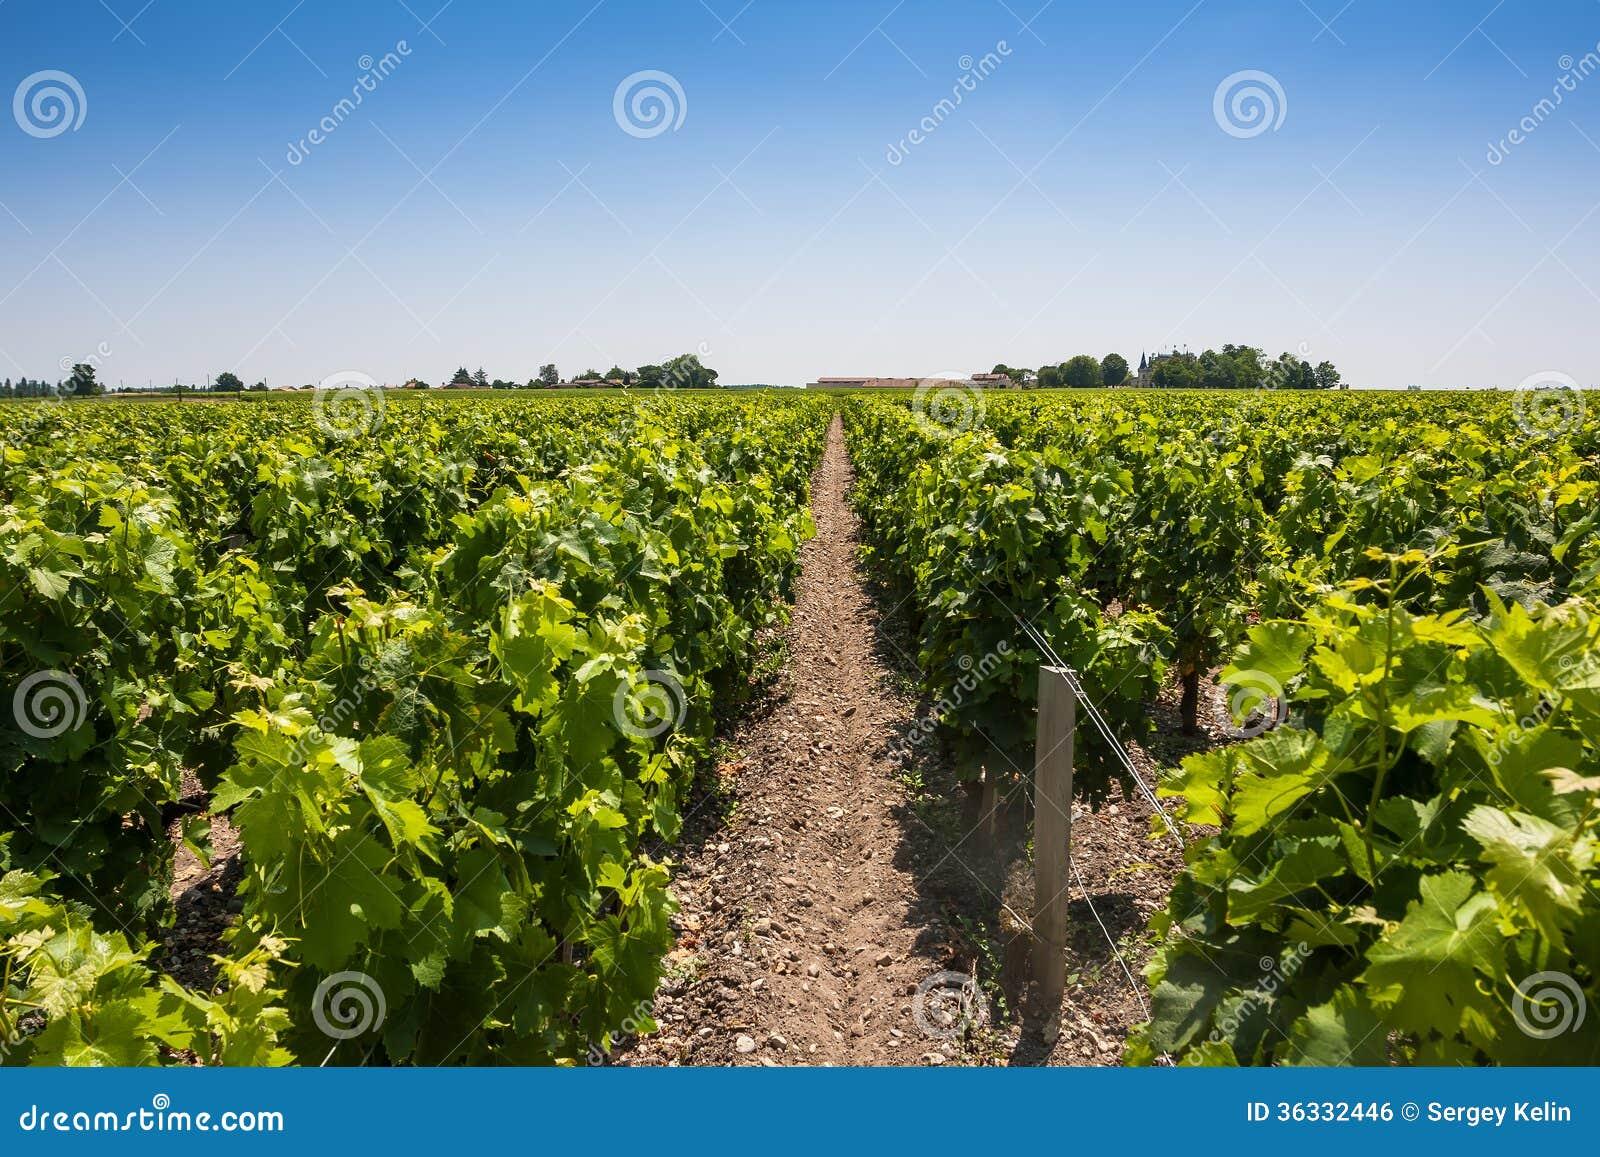 Paysage de vignoble près de Bordeaux, France